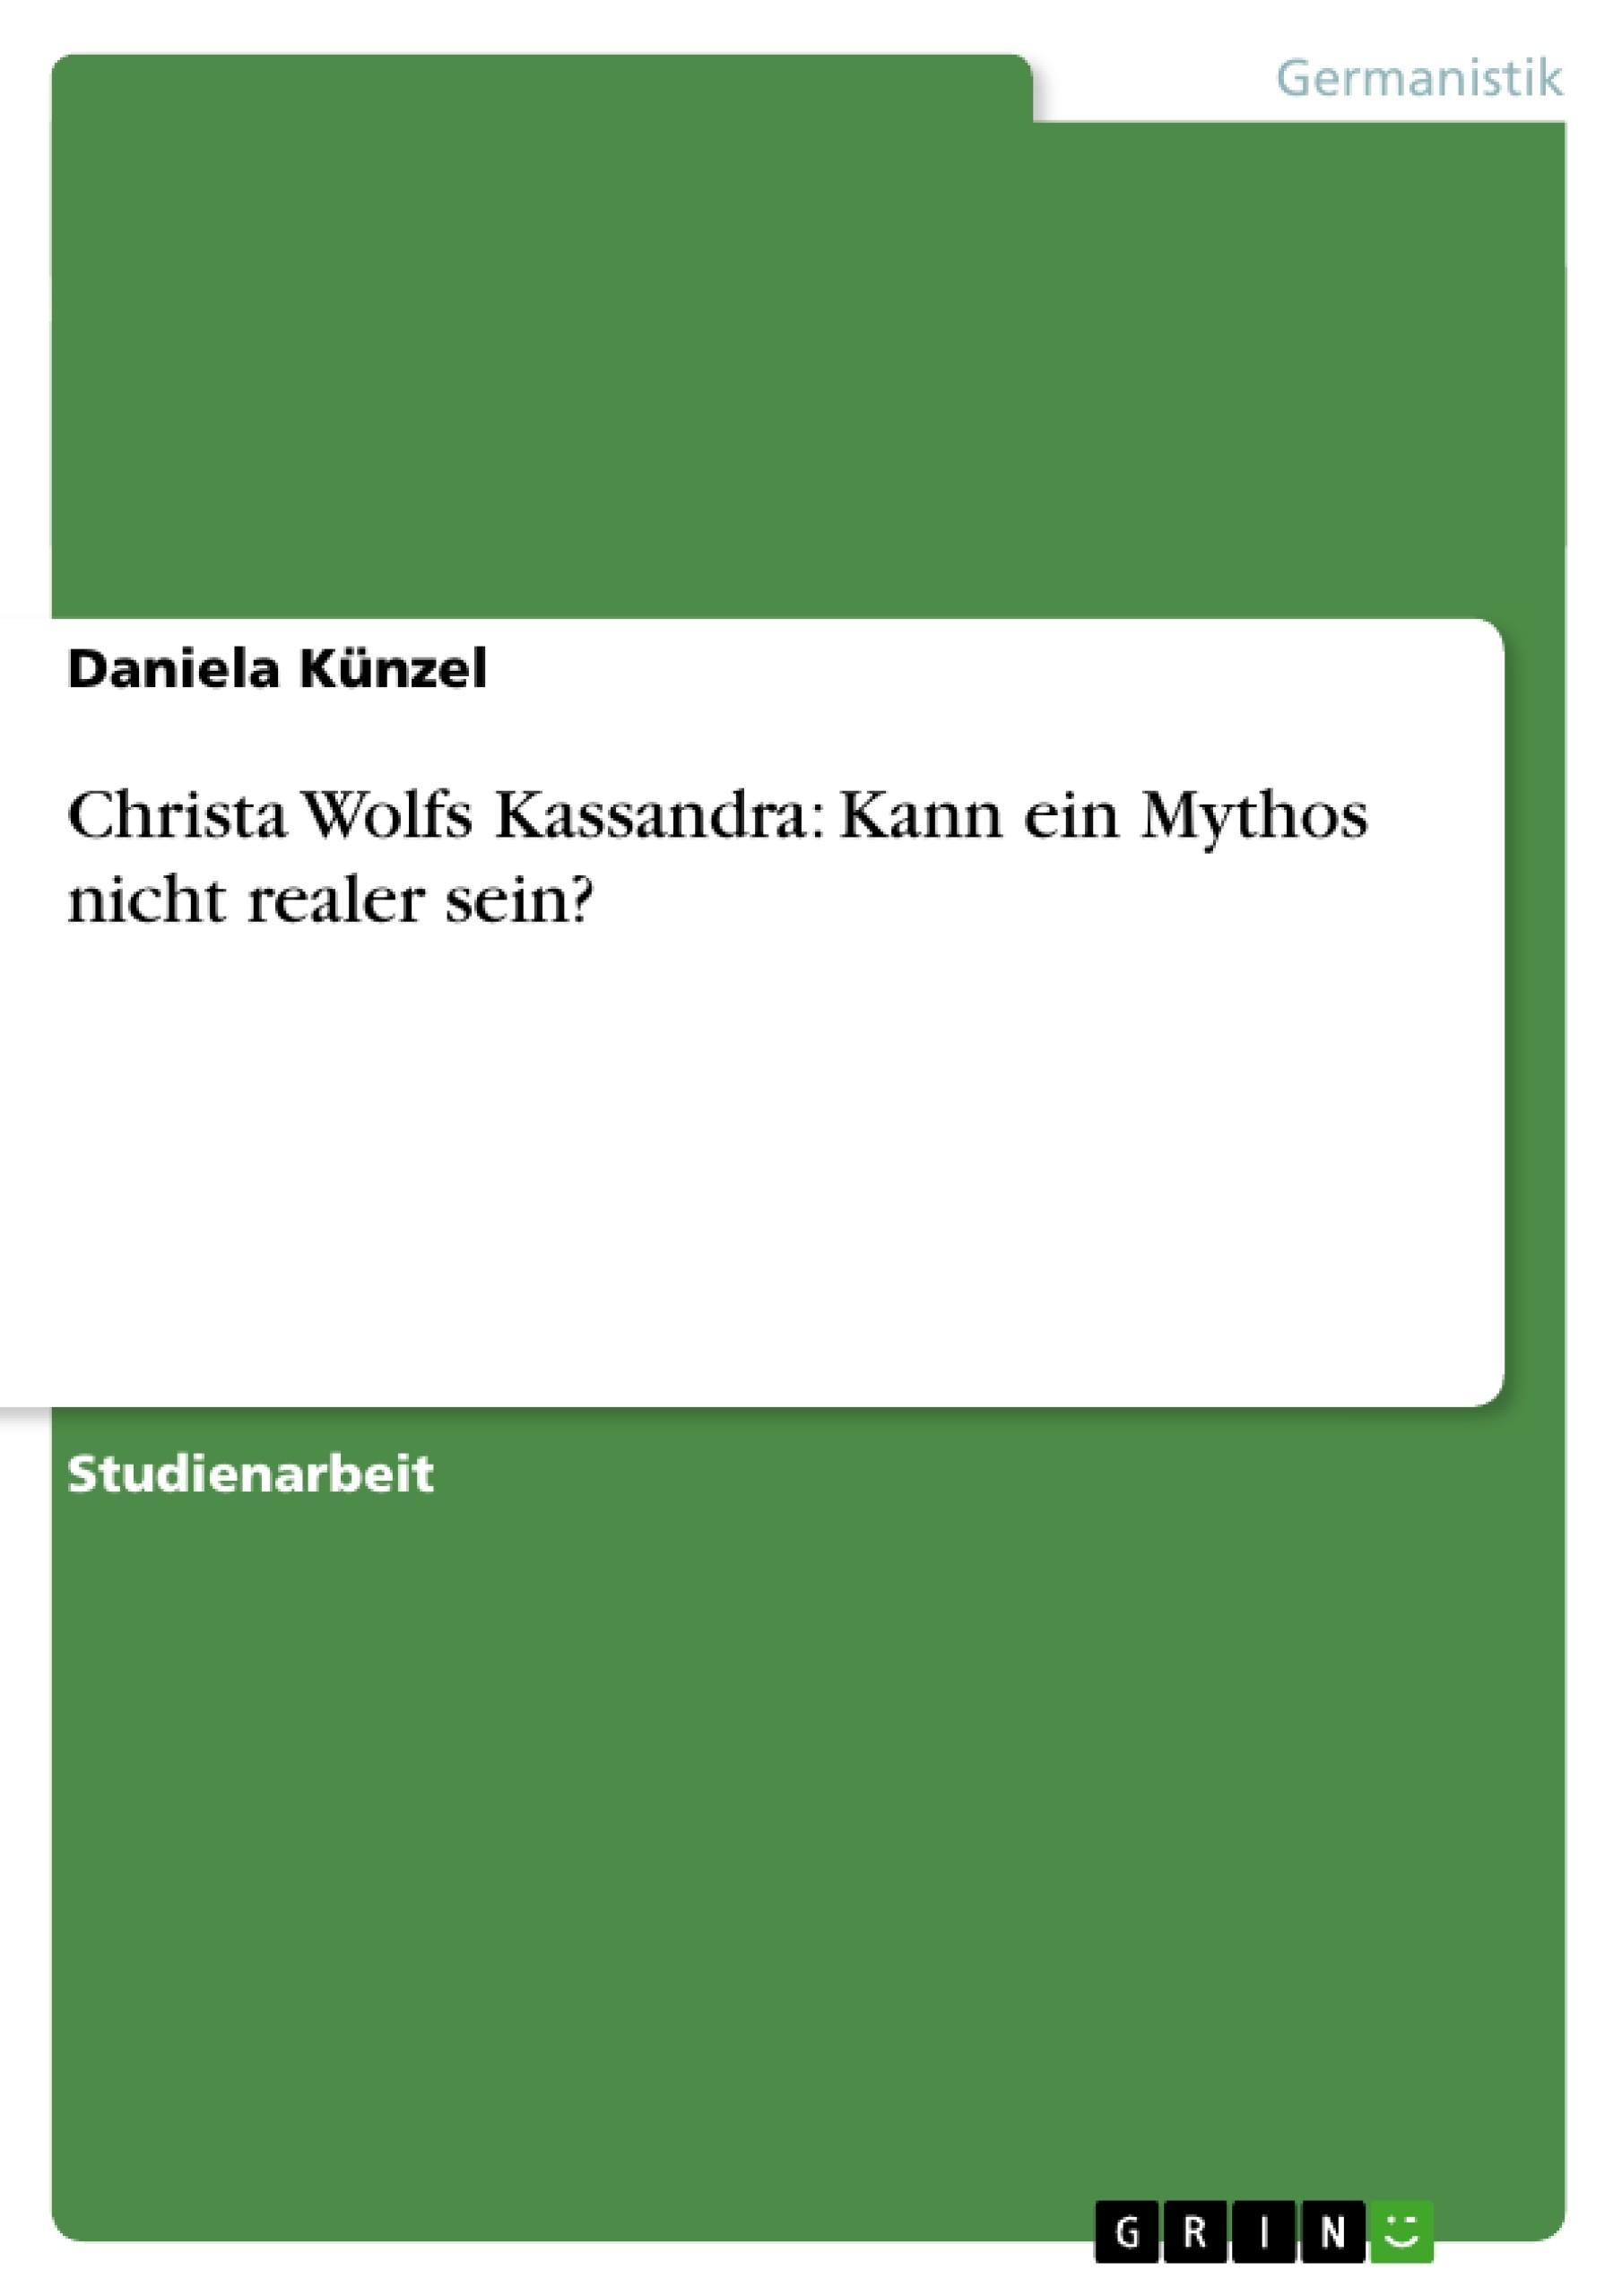 Titel: Christa Wolfs Kassandra: Kann ein Mythos nicht realer sein?